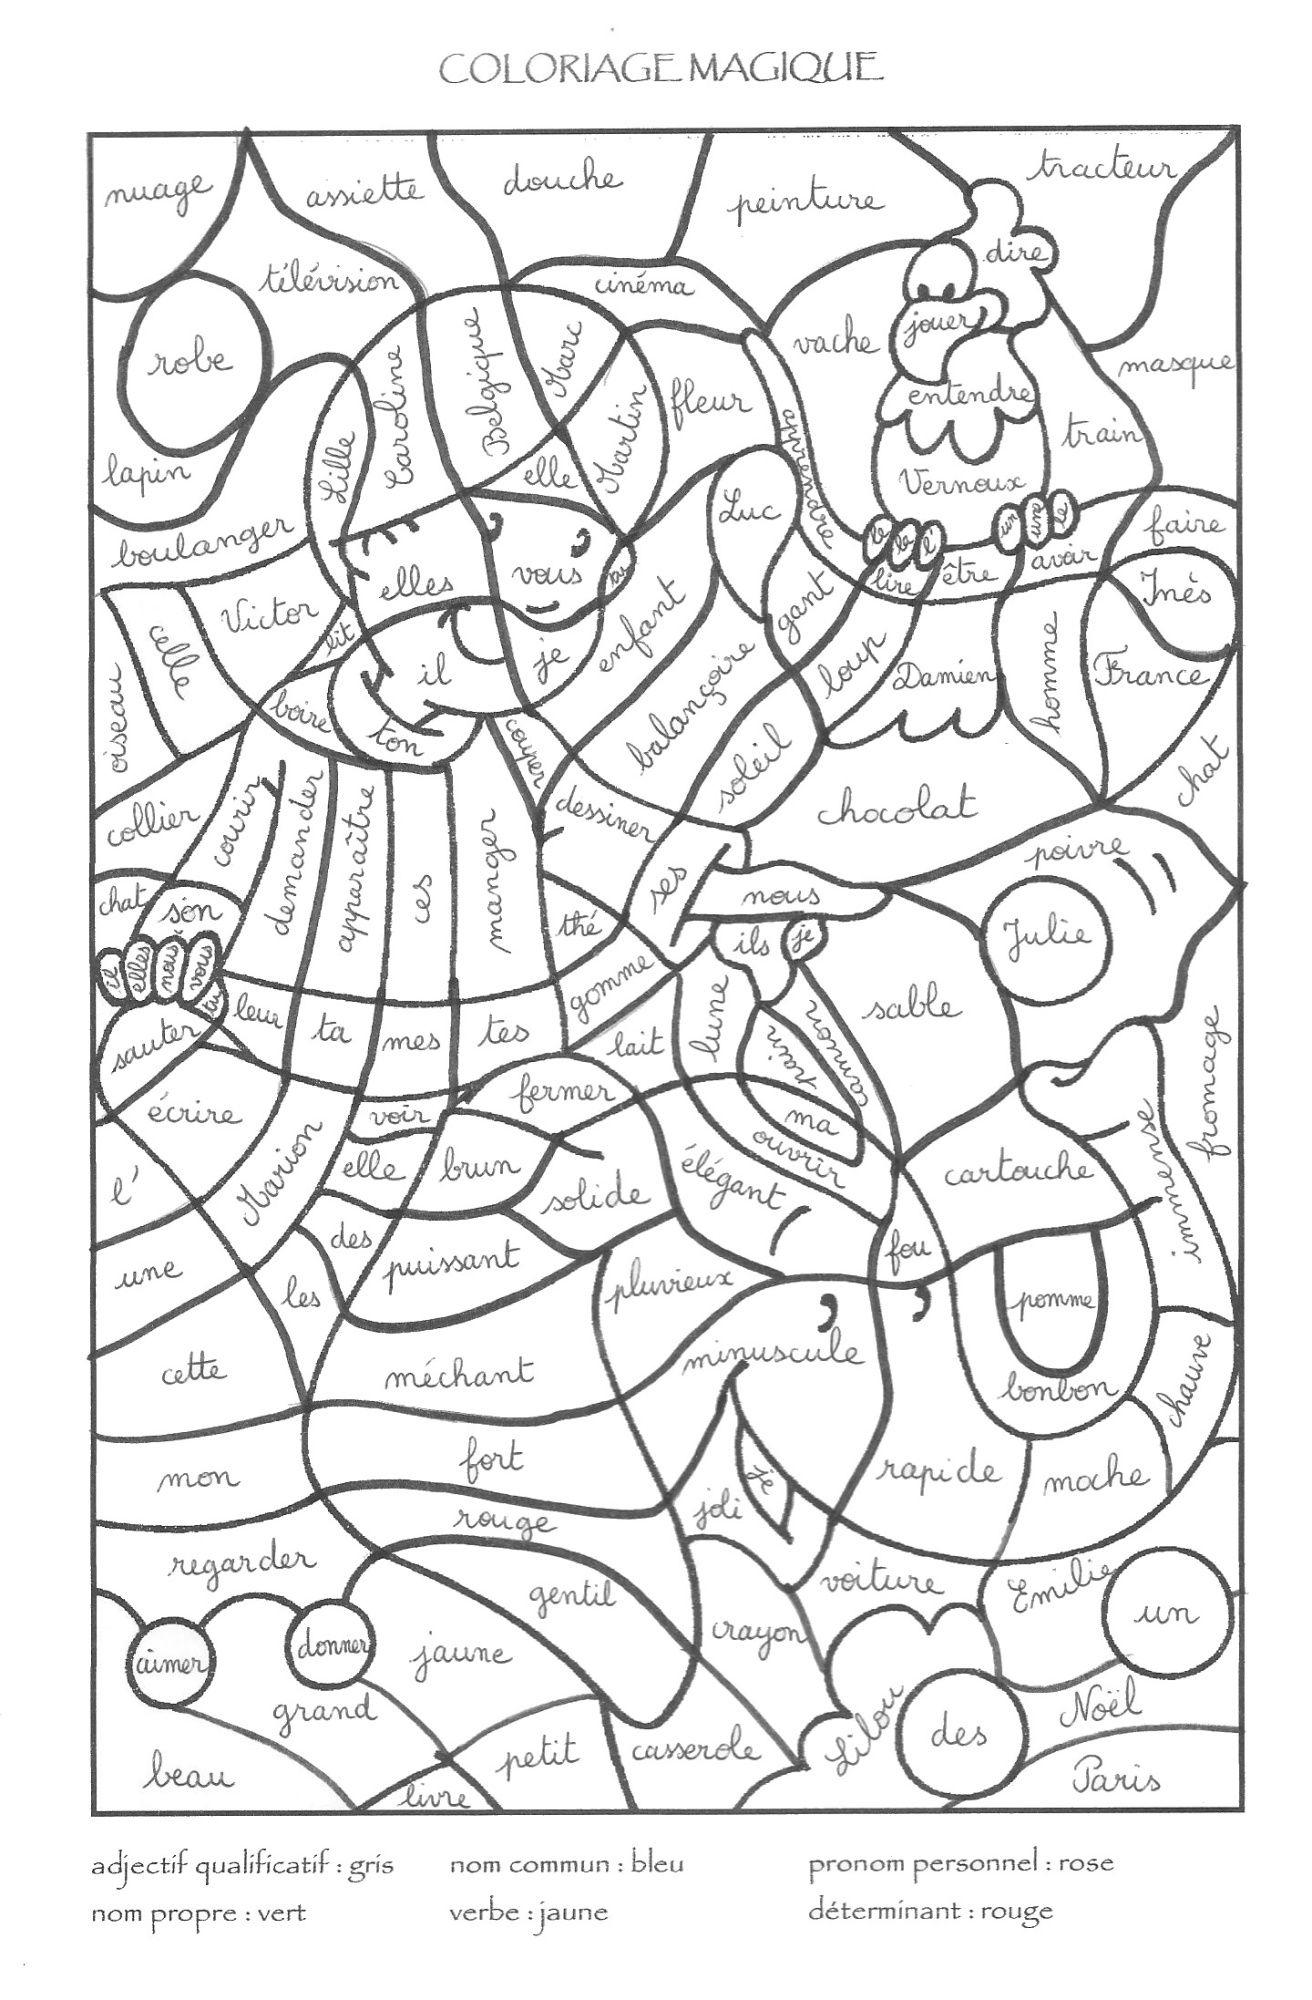 Coloriage Magique | Coloriage Magique Multiplication intérieur Jeux De Coloriage Magique Cm1